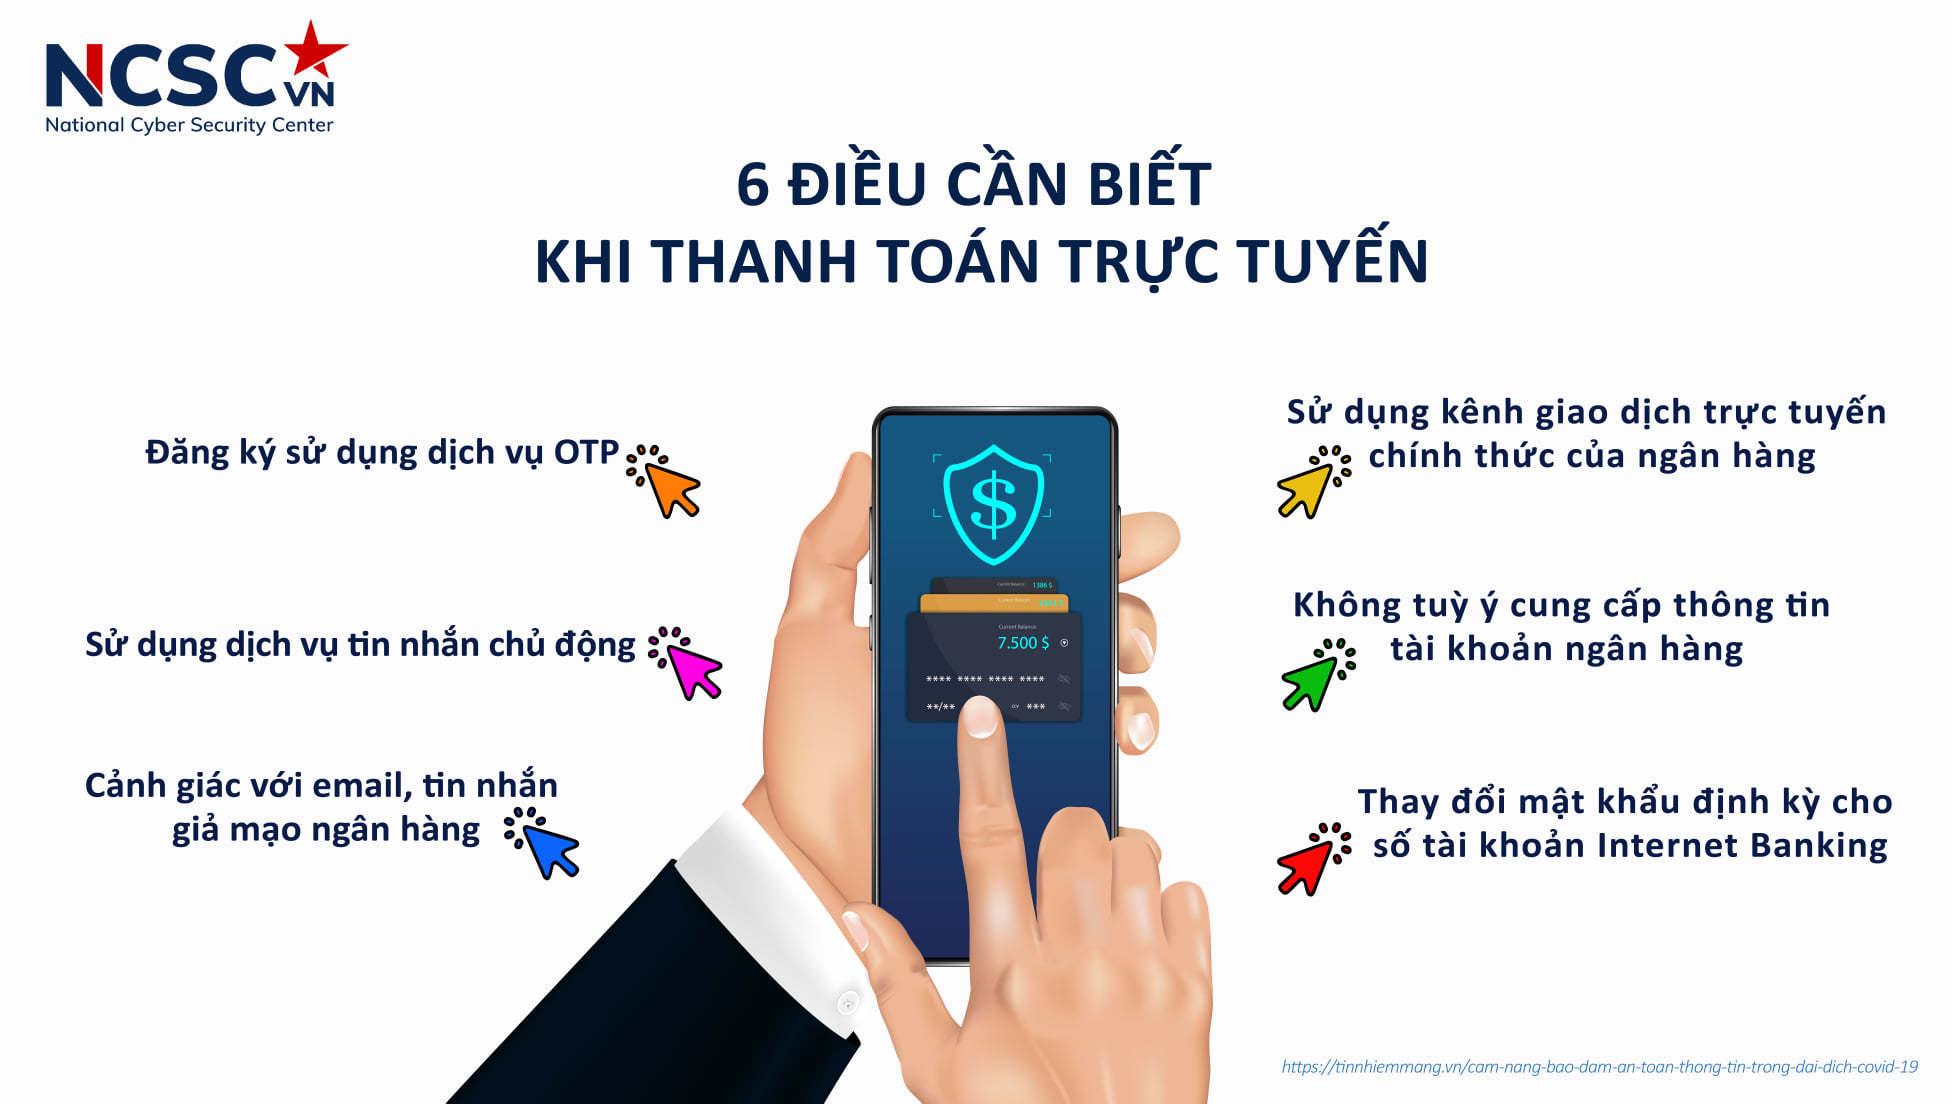 Thanh toán trực tuyến an toàn | Nguồn: NCSC, 2021